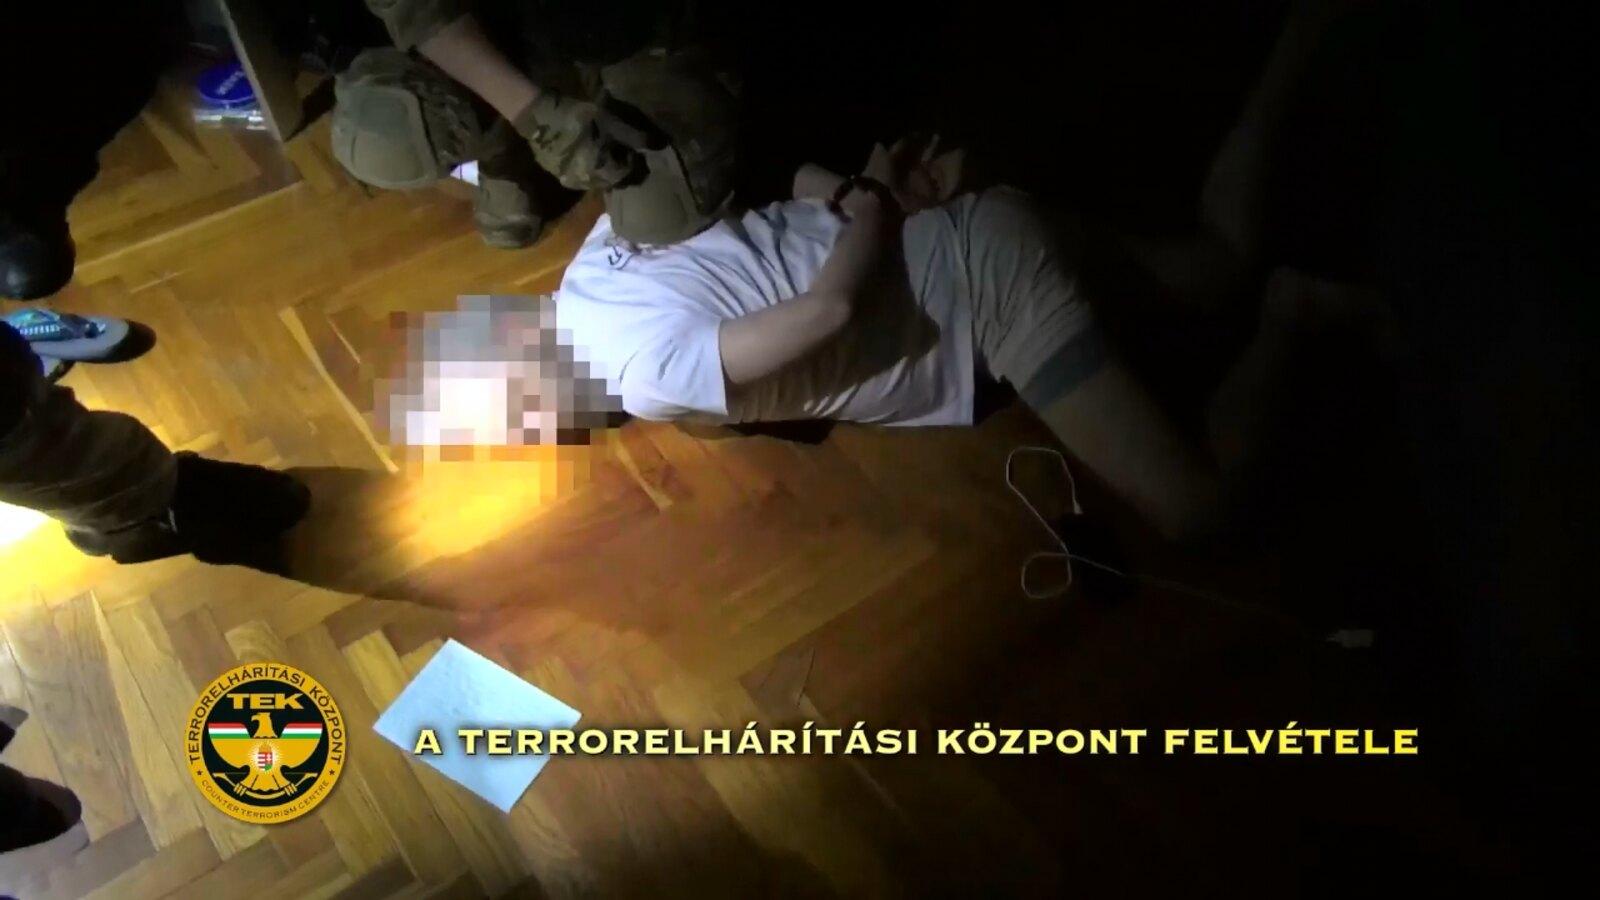 Elrendelték a pénteken a TEK által fogott öt drogkereskedő letartóztatását